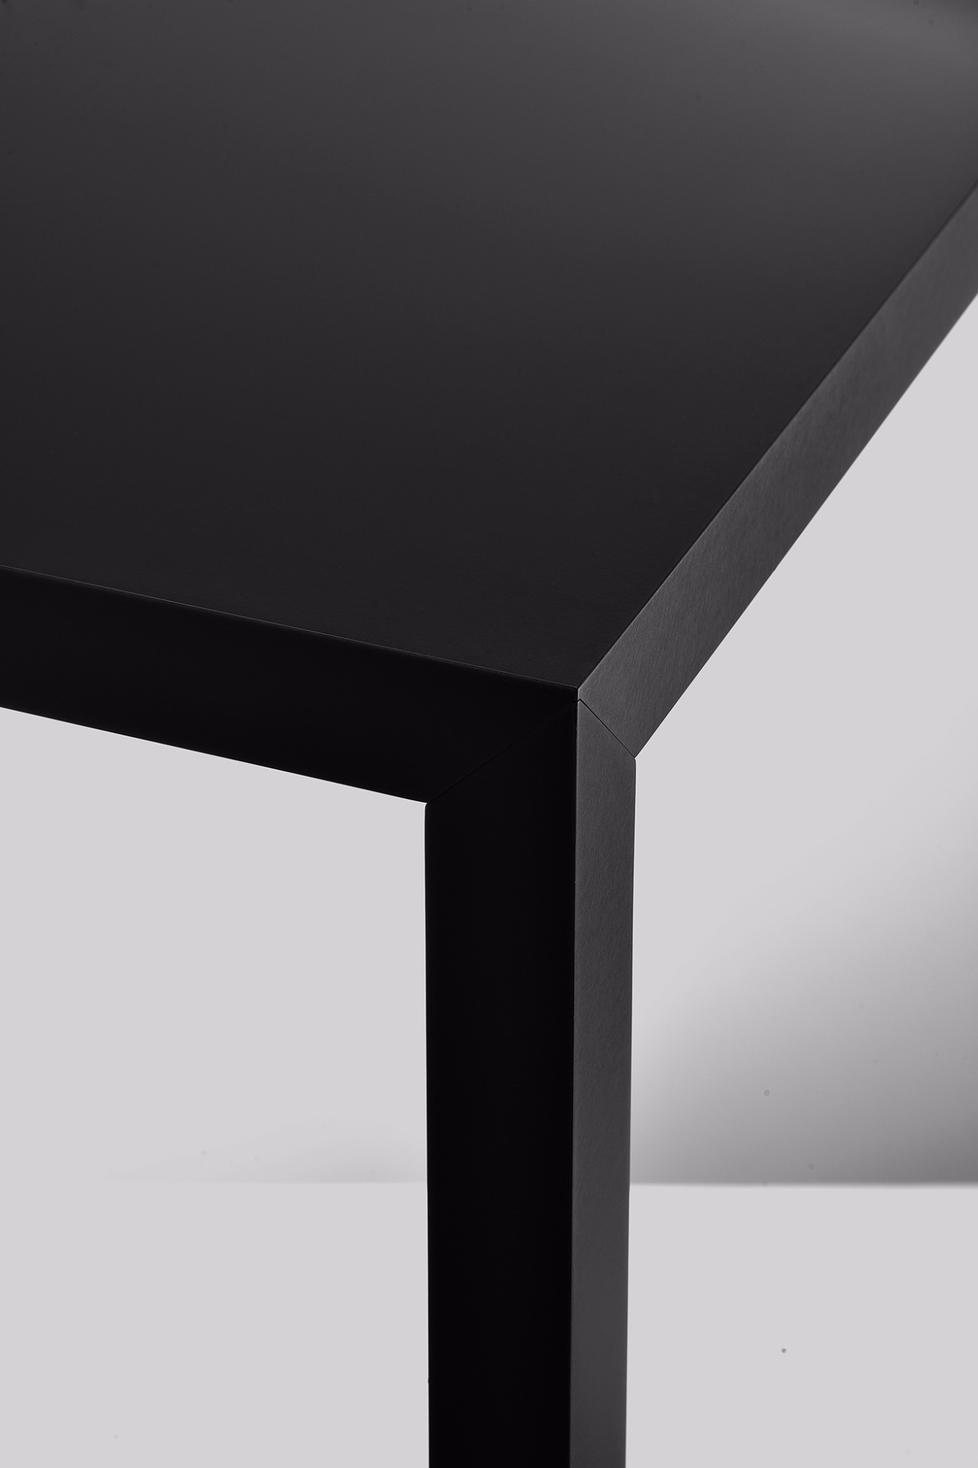 tense material holztisch von mdf italia. Black Bedroom Furniture Sets. Home Design Ideas